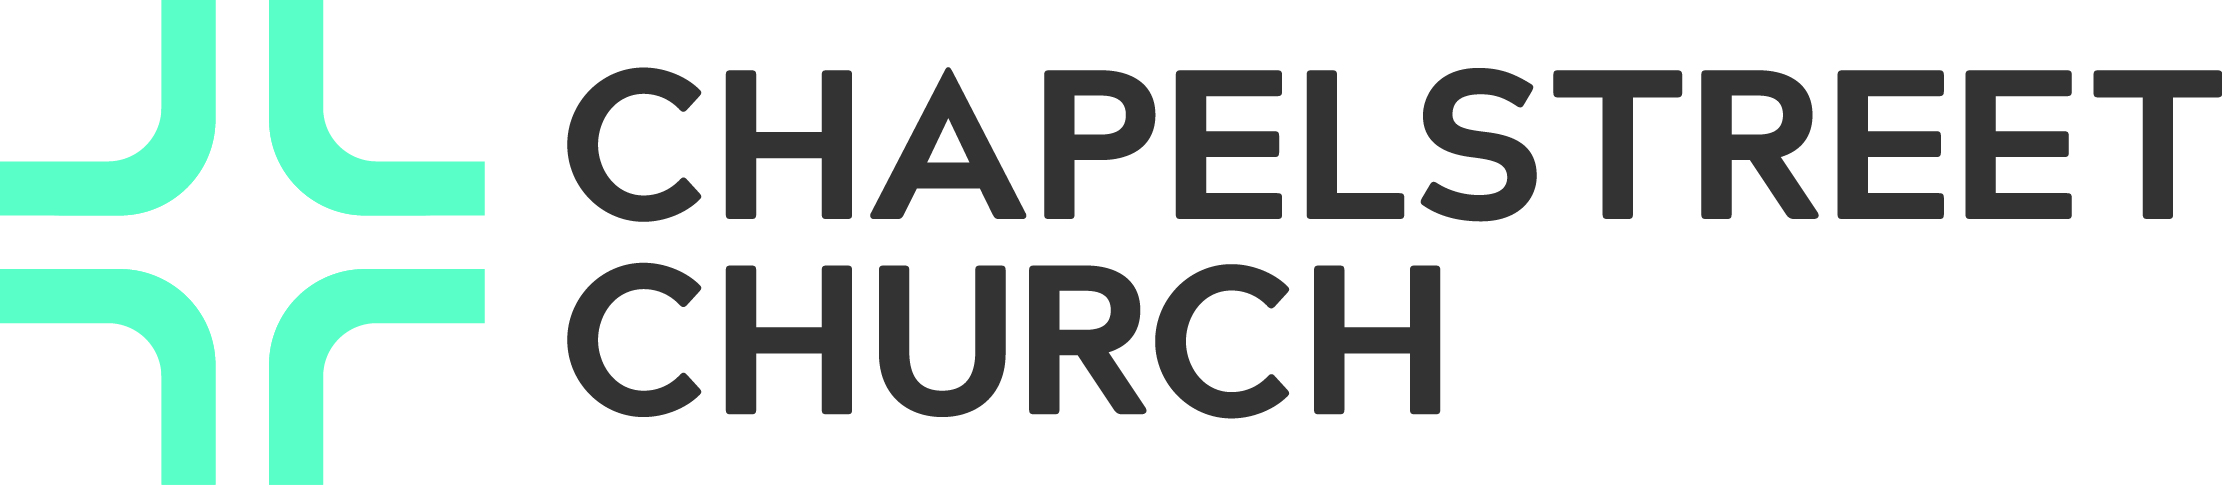 Chapelstreet Church